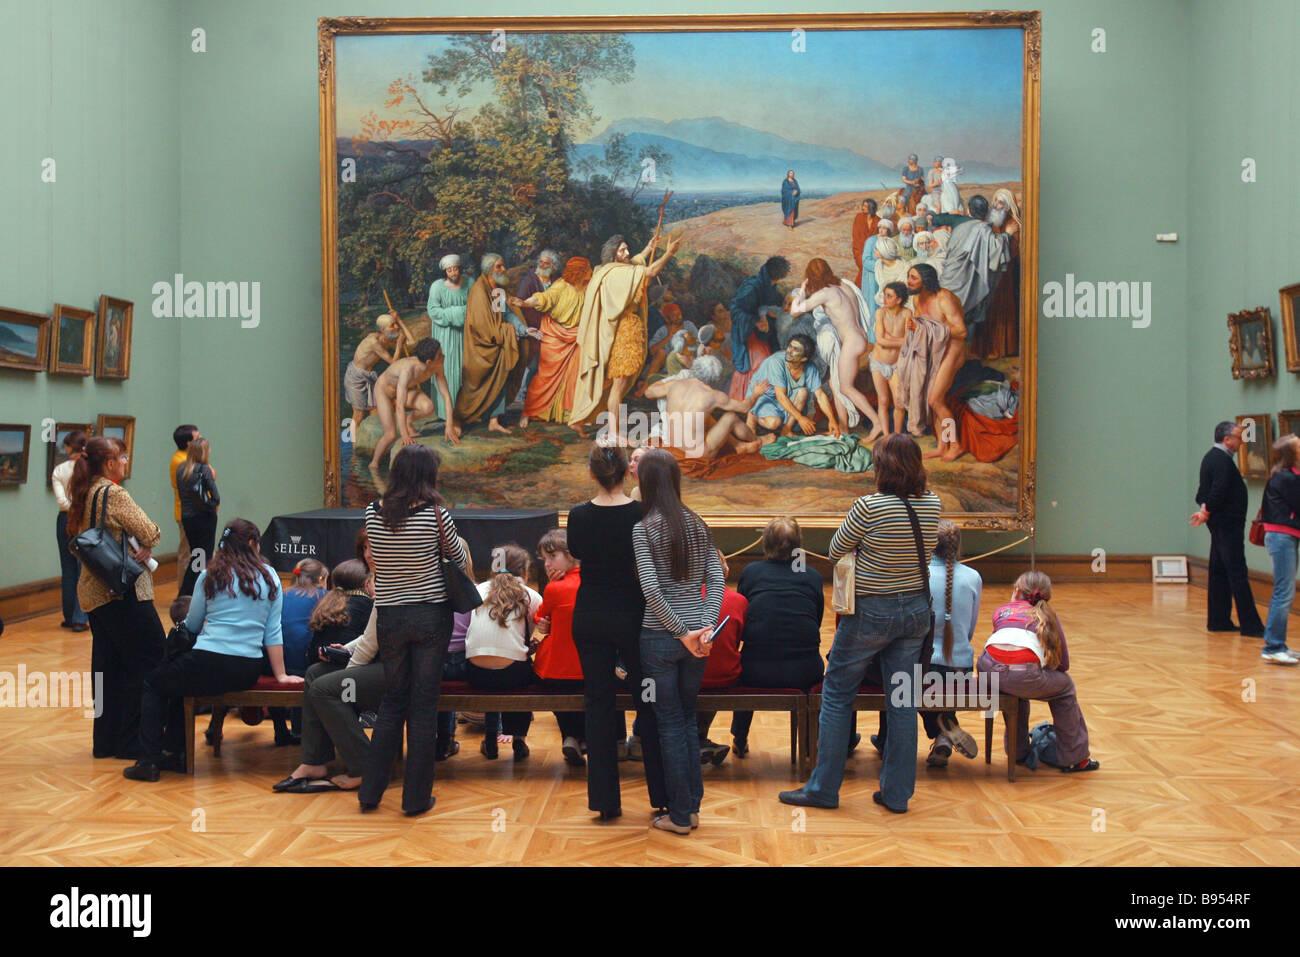 Los visitantes antes de Alexander Ivanov s la aparición de Cristo a la gente en el estado de la Galería Imagen De Stock